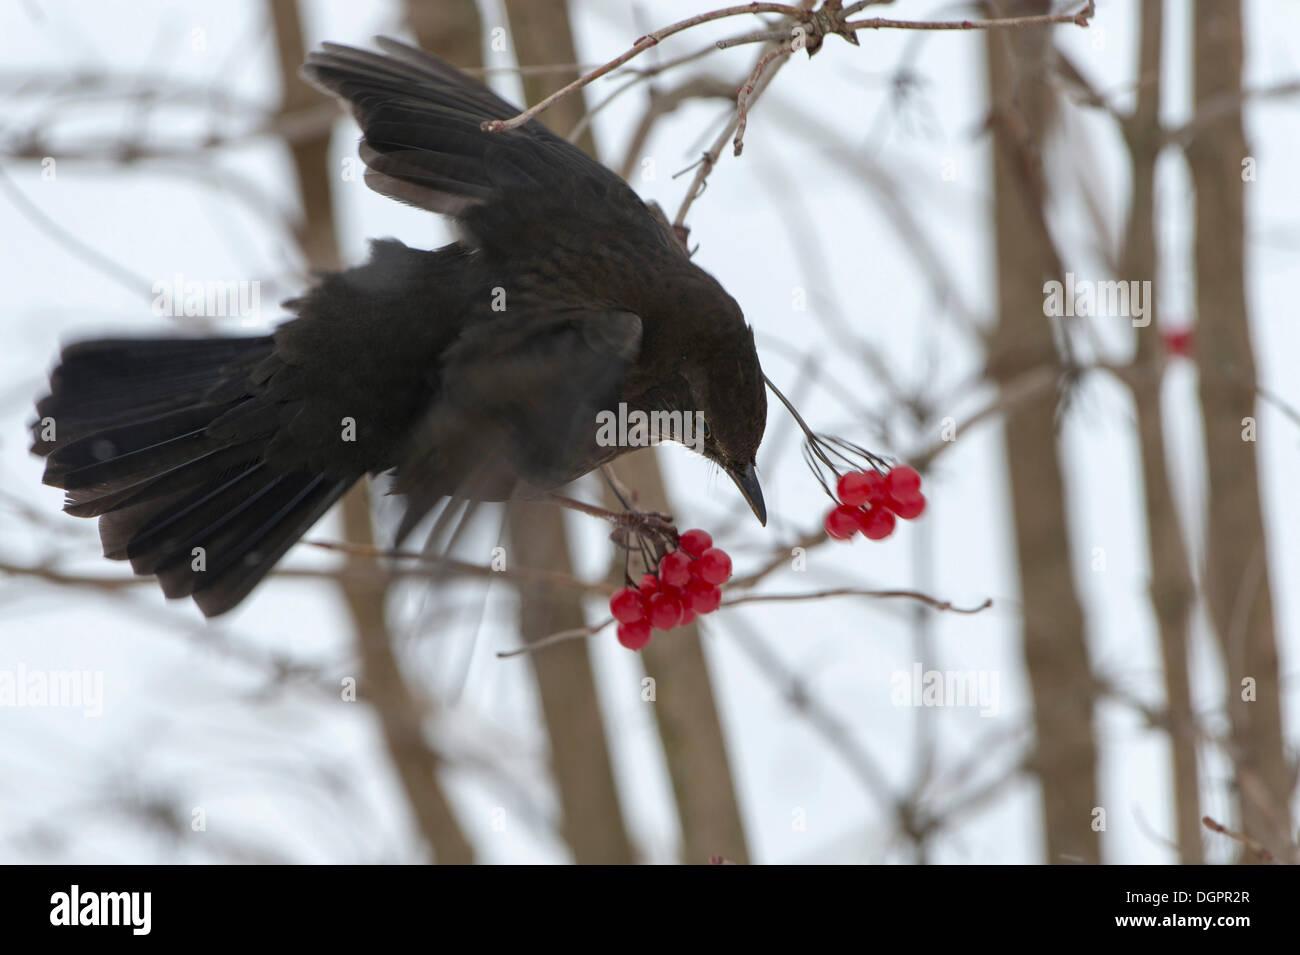 Blackbird (Turdus merula) in search of food in winter, Guxhagen, Hesse, Germany - Stock Image